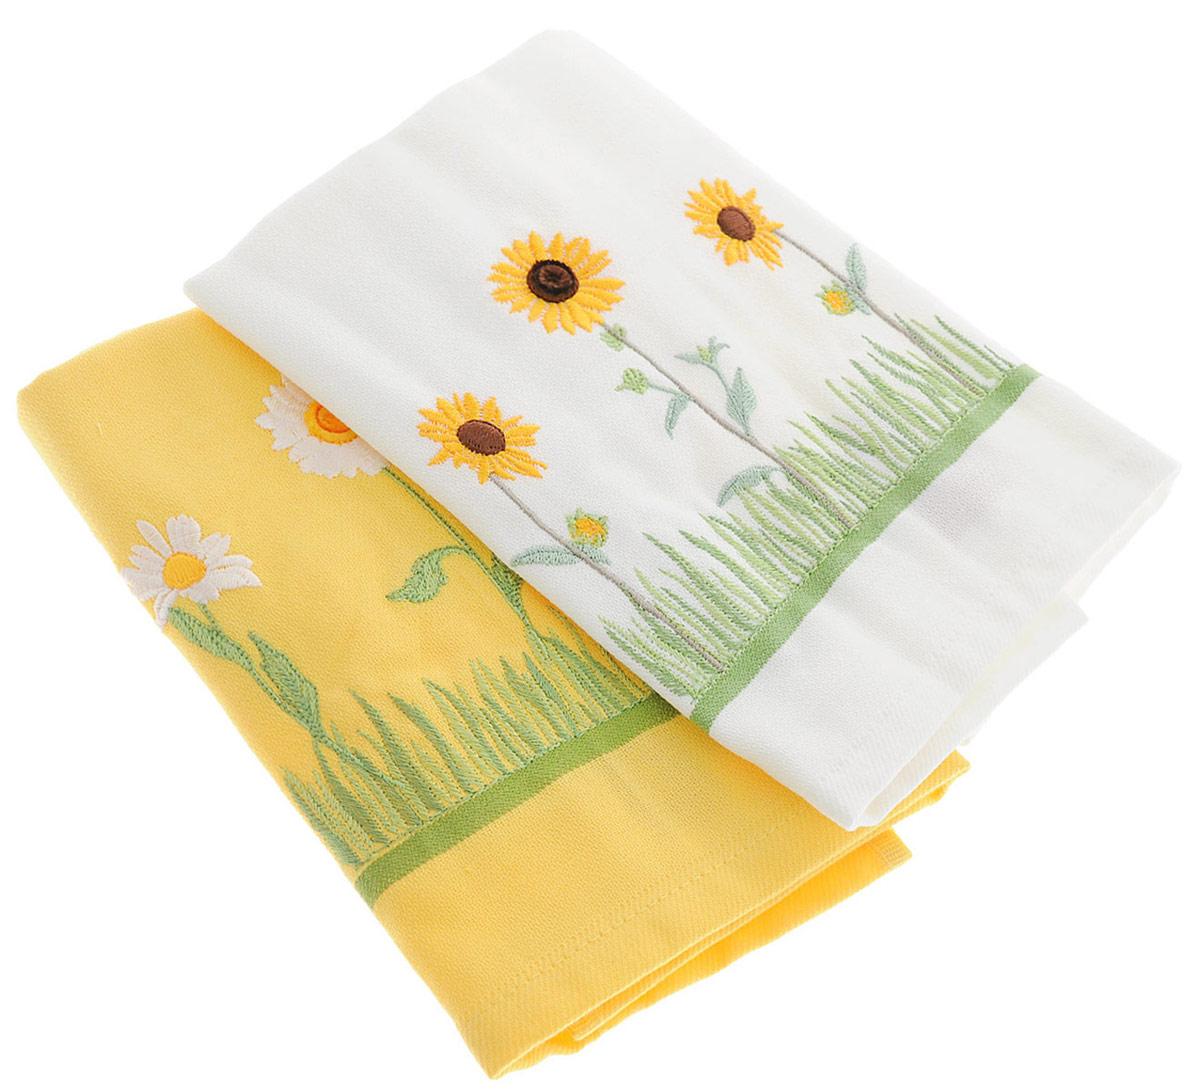 Набор полотенец Bonita Цветы. Ромашки. Подсолнух, цвет: желтый, белый, 40 х 60 см, 2 шт01010215378_желтый, белыйНабор полотенец Bonita, изготовленный из натурального хлопка, идеально дополнит интерьер вашей кухни и создаст атмосферу уюта и комфорта.Изделия выполнены из натурального материала, поэтому являются экологически чистыми. Высочайшее качество материала гарантирует безопасность не только взрослых, но и самых маленьких членов семьи. В набор входит два полотенца.